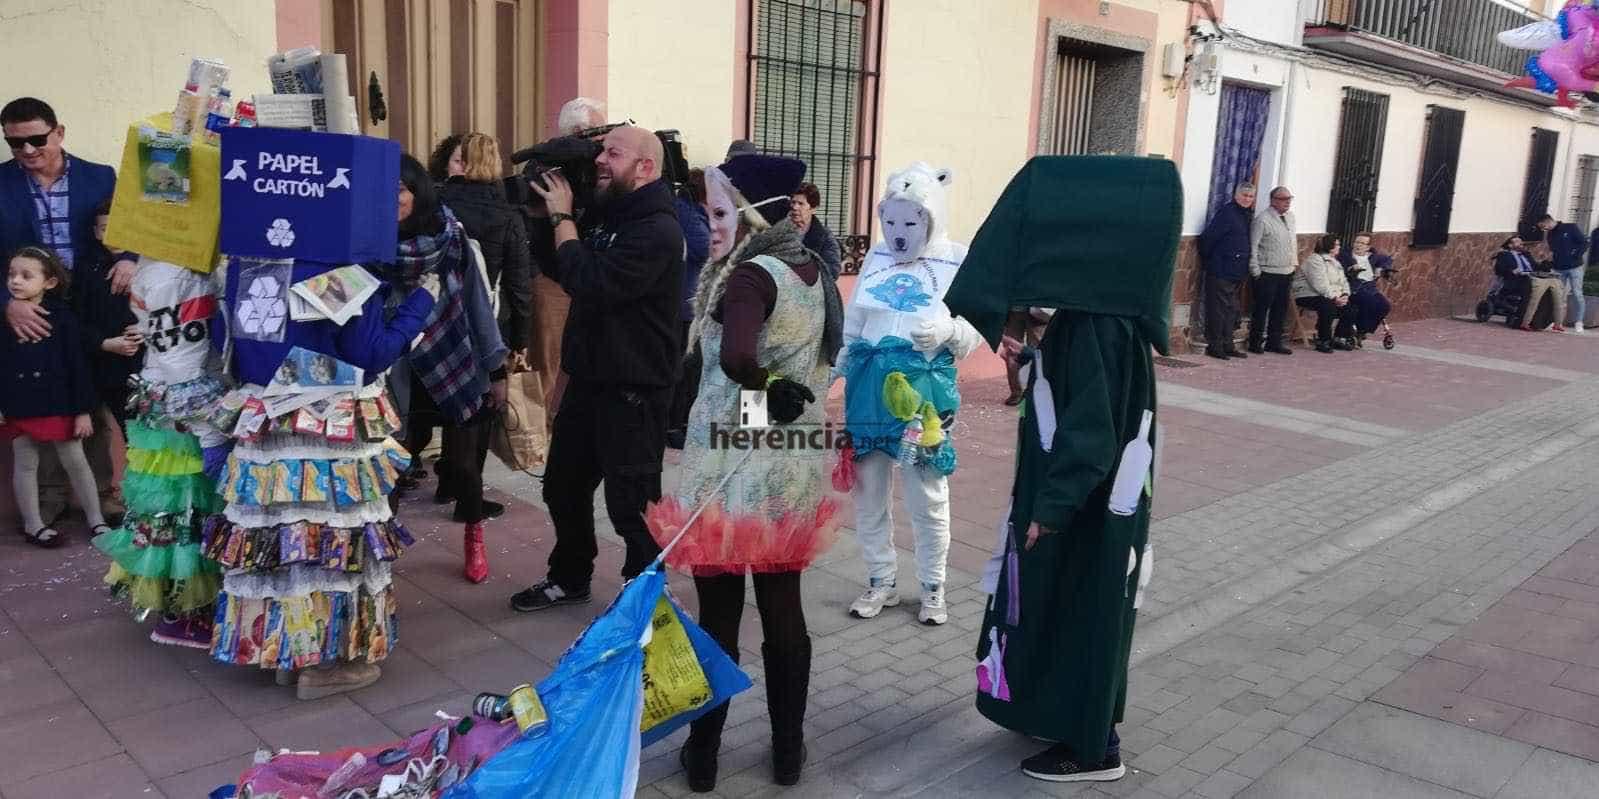 Carnaval herencia 2020 pasacalles domingo deseosas 22 - El Domingo de las Deseosas invita a todo el mundo al Carnaval de Herencia